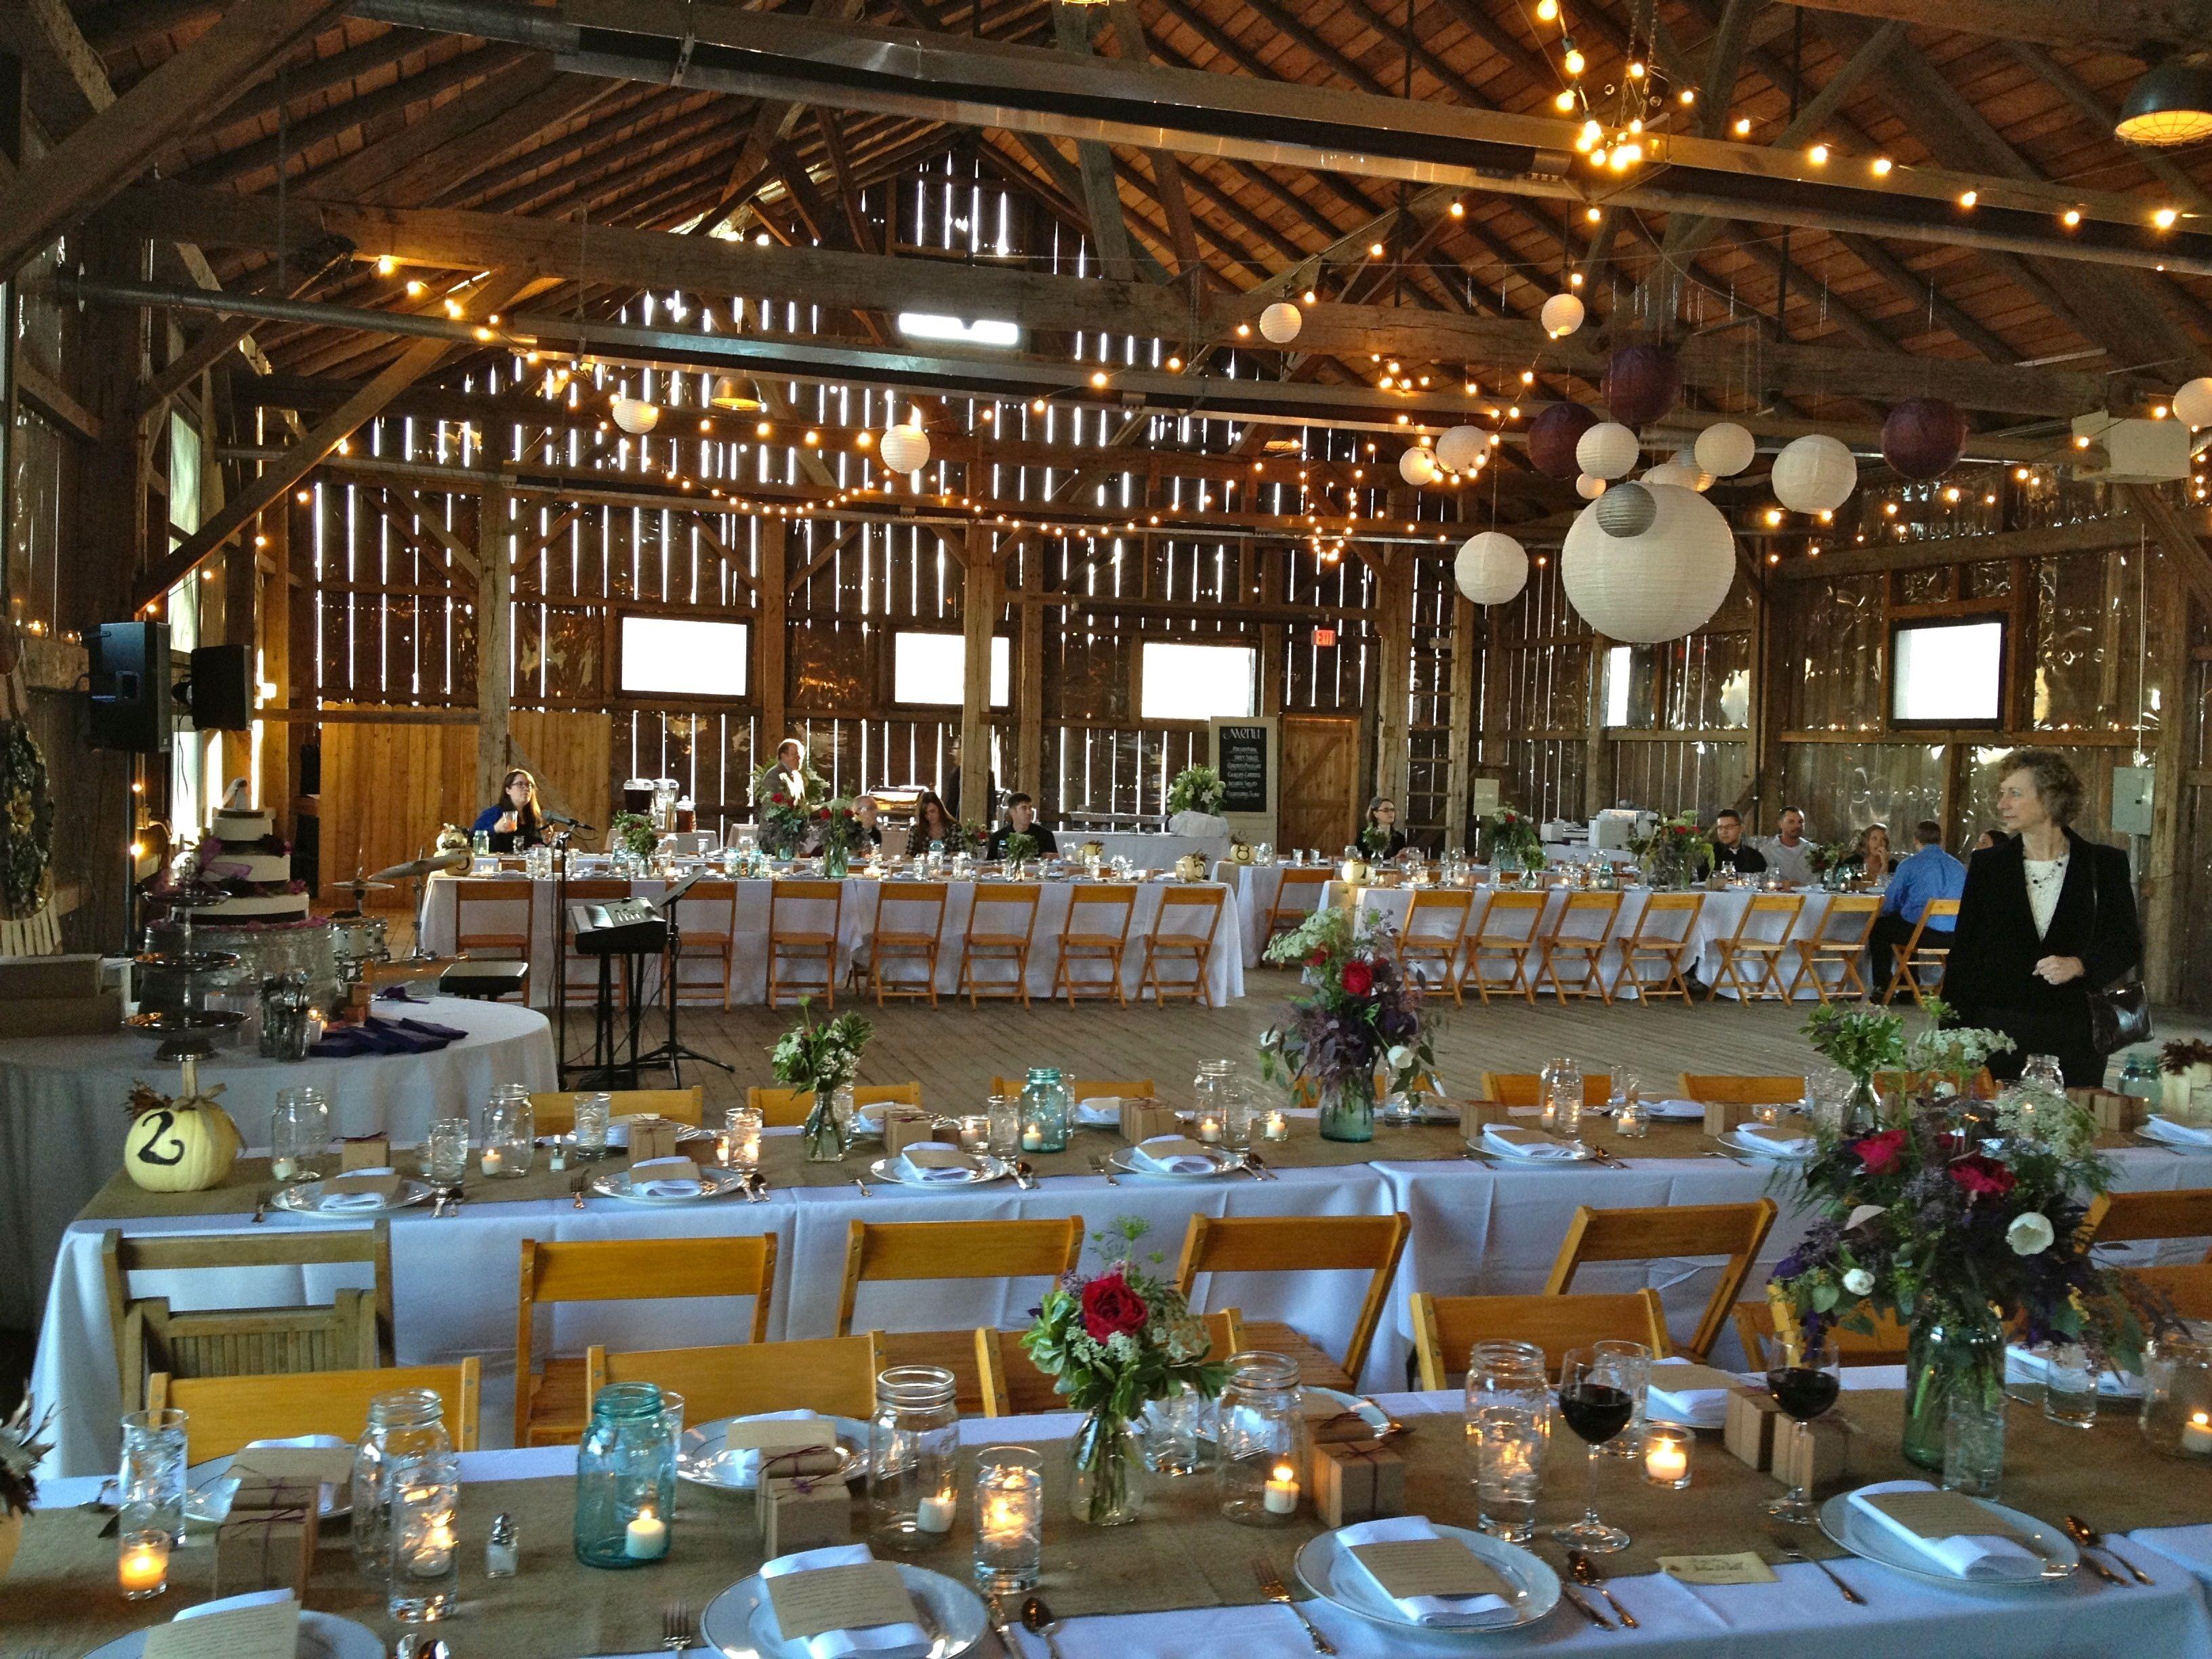 Barn wedding wedding venues indiana rustic wedding